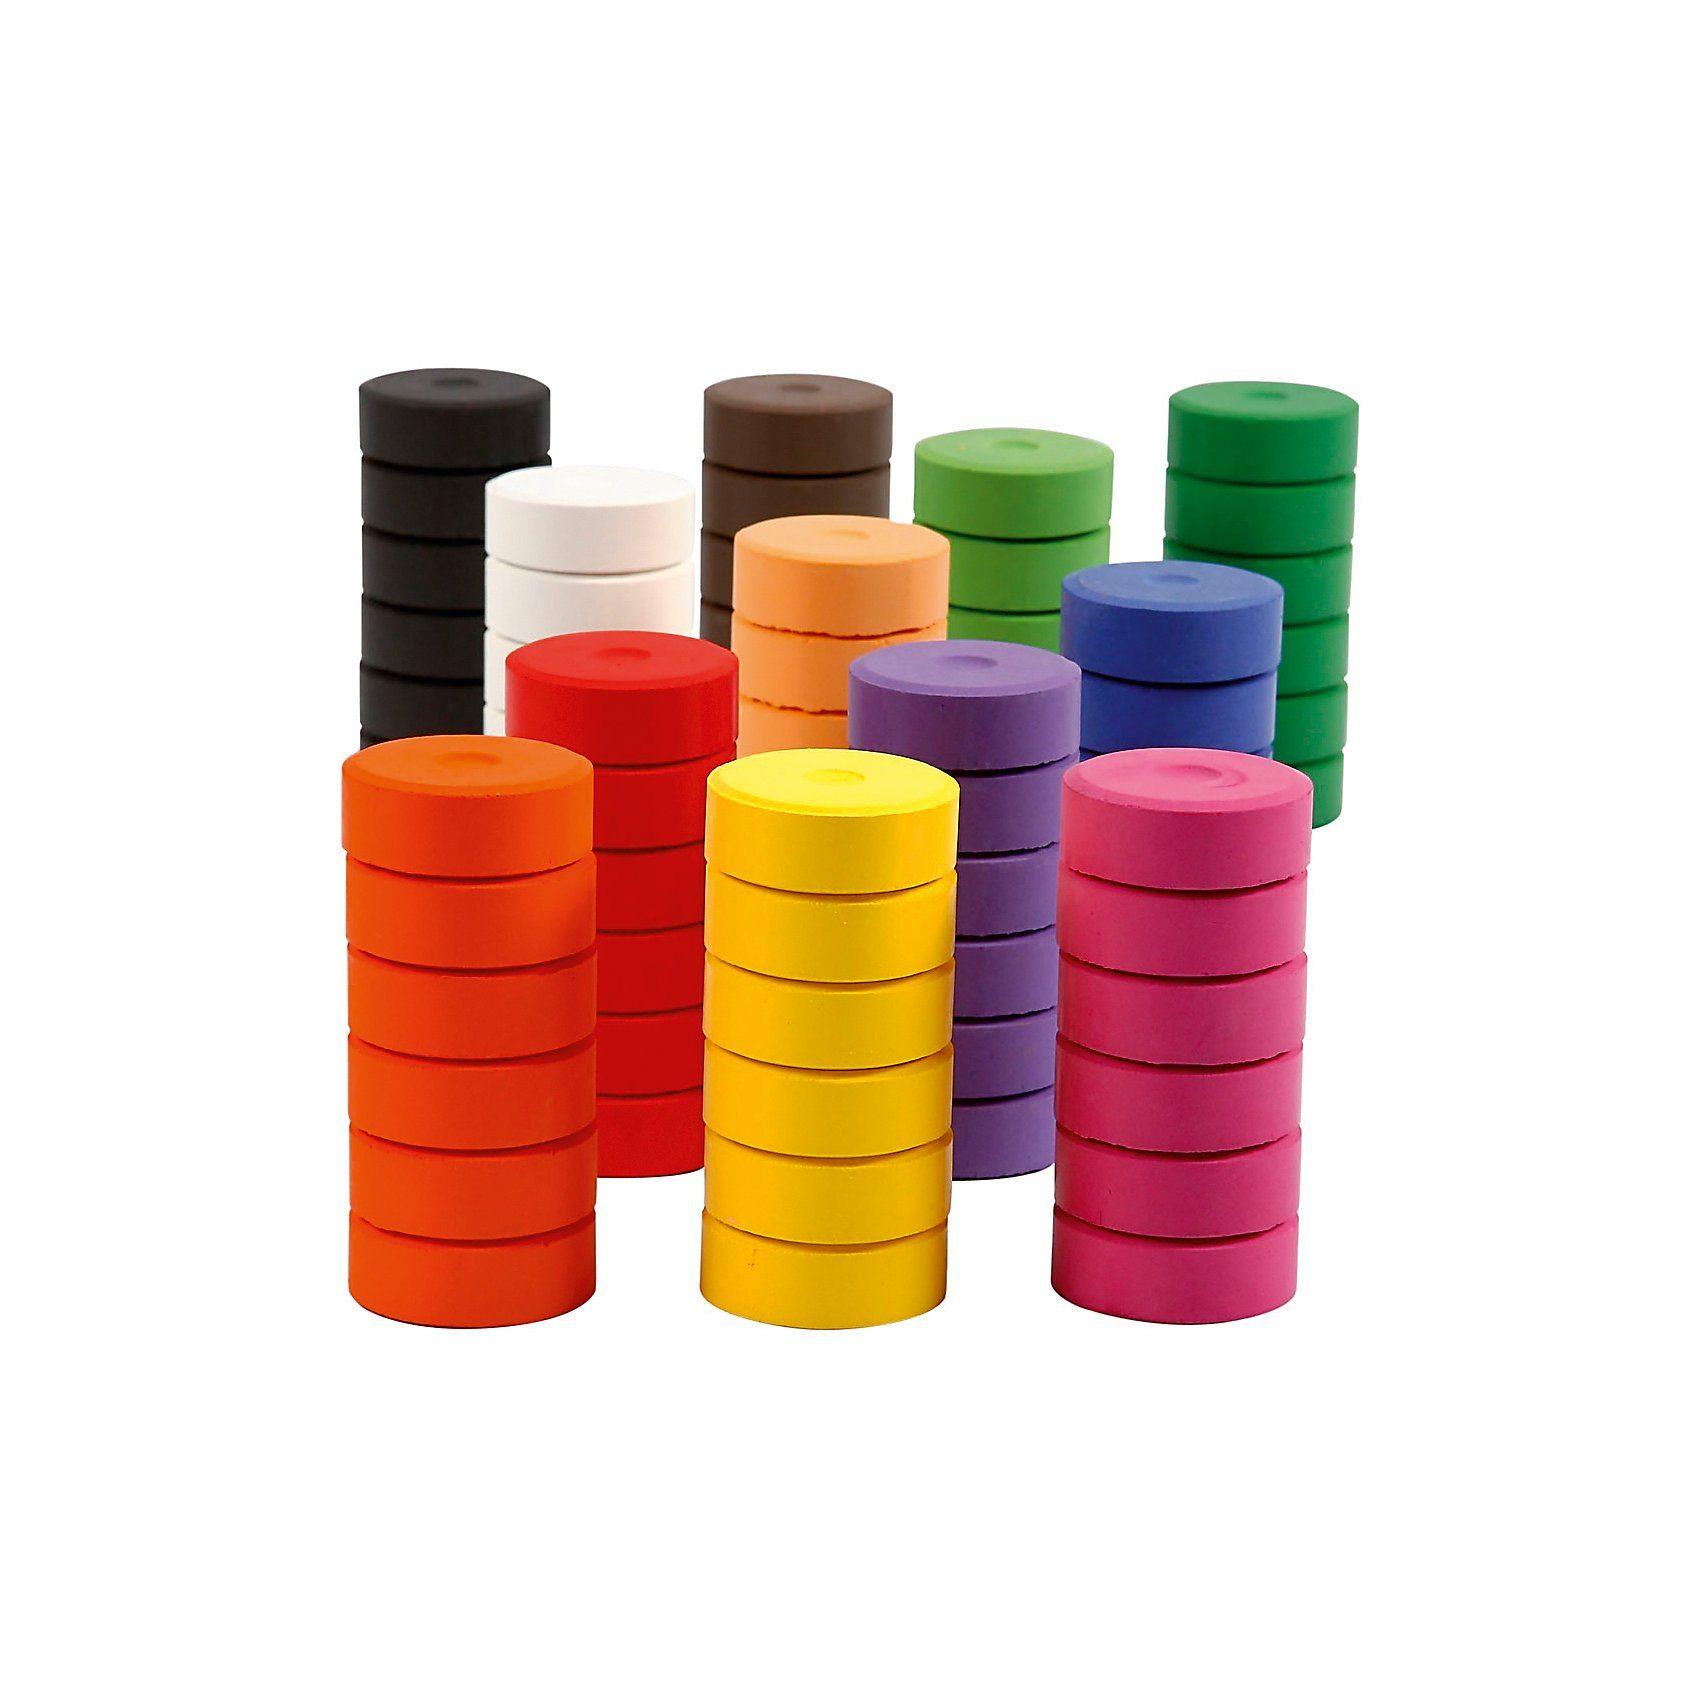 Wasserfarbe, D: 44 mm, H 16 mm, 72 Stück